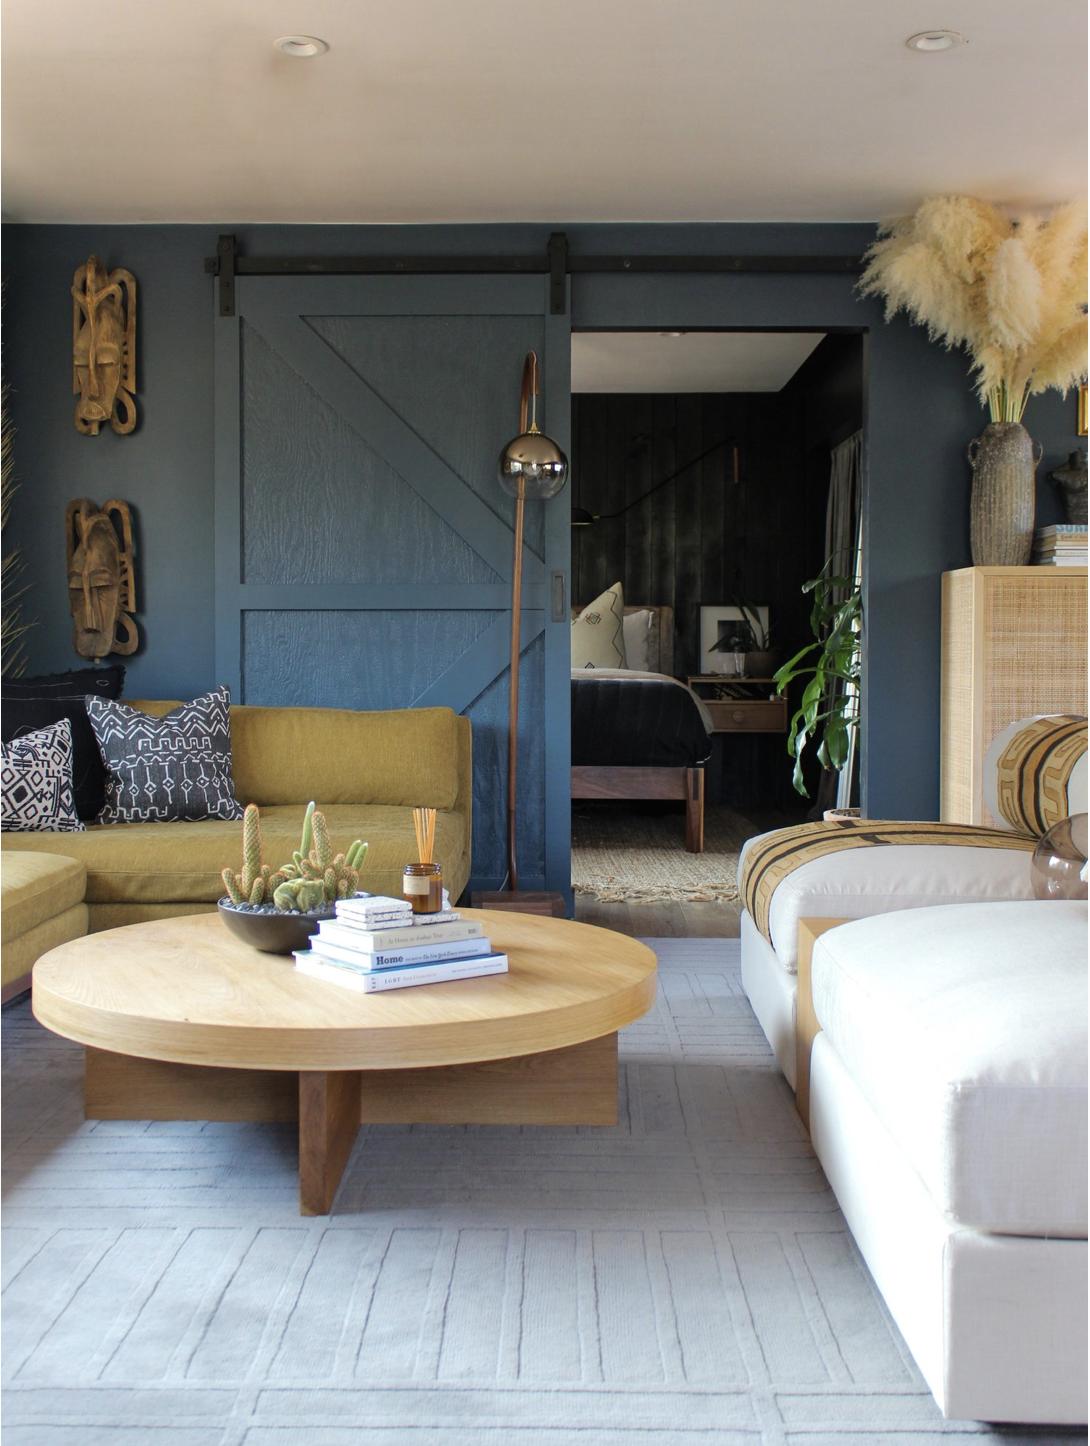 bàn tròn gỗ cùng sofa màu vàng đất trong phòng khách